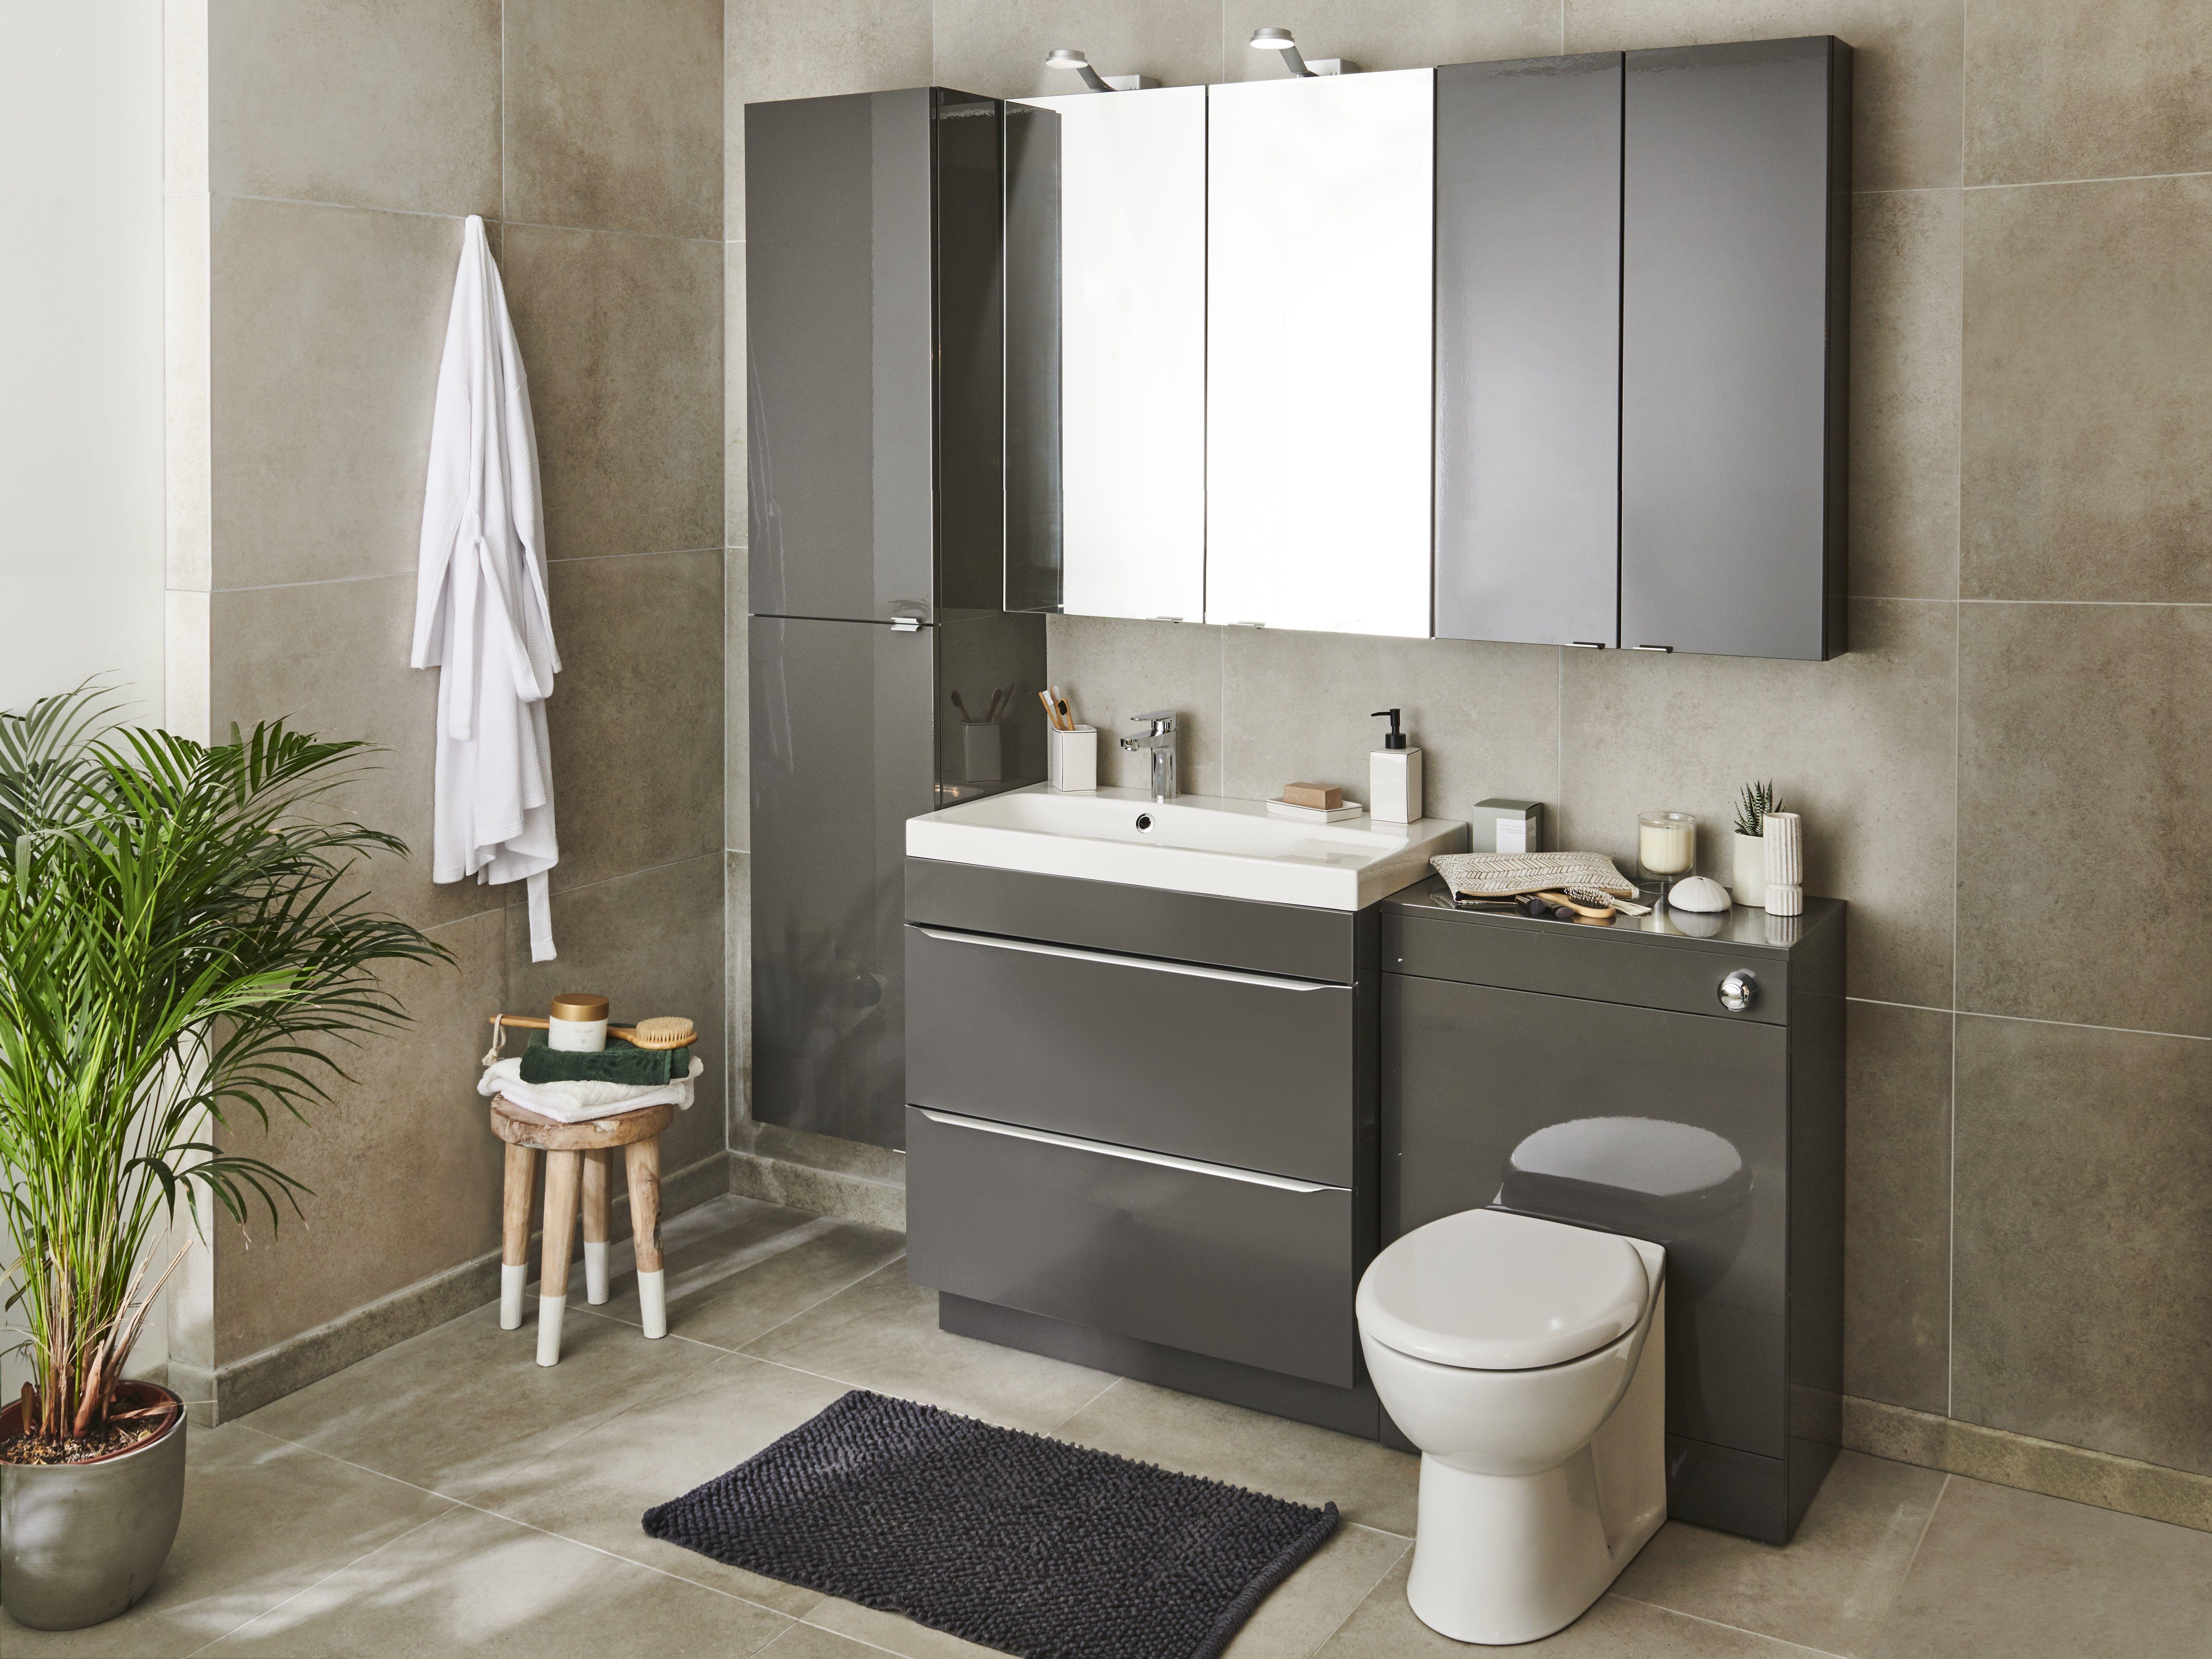 Imandra bathroom range in 10  Bathroom furniture, Diy bathroom